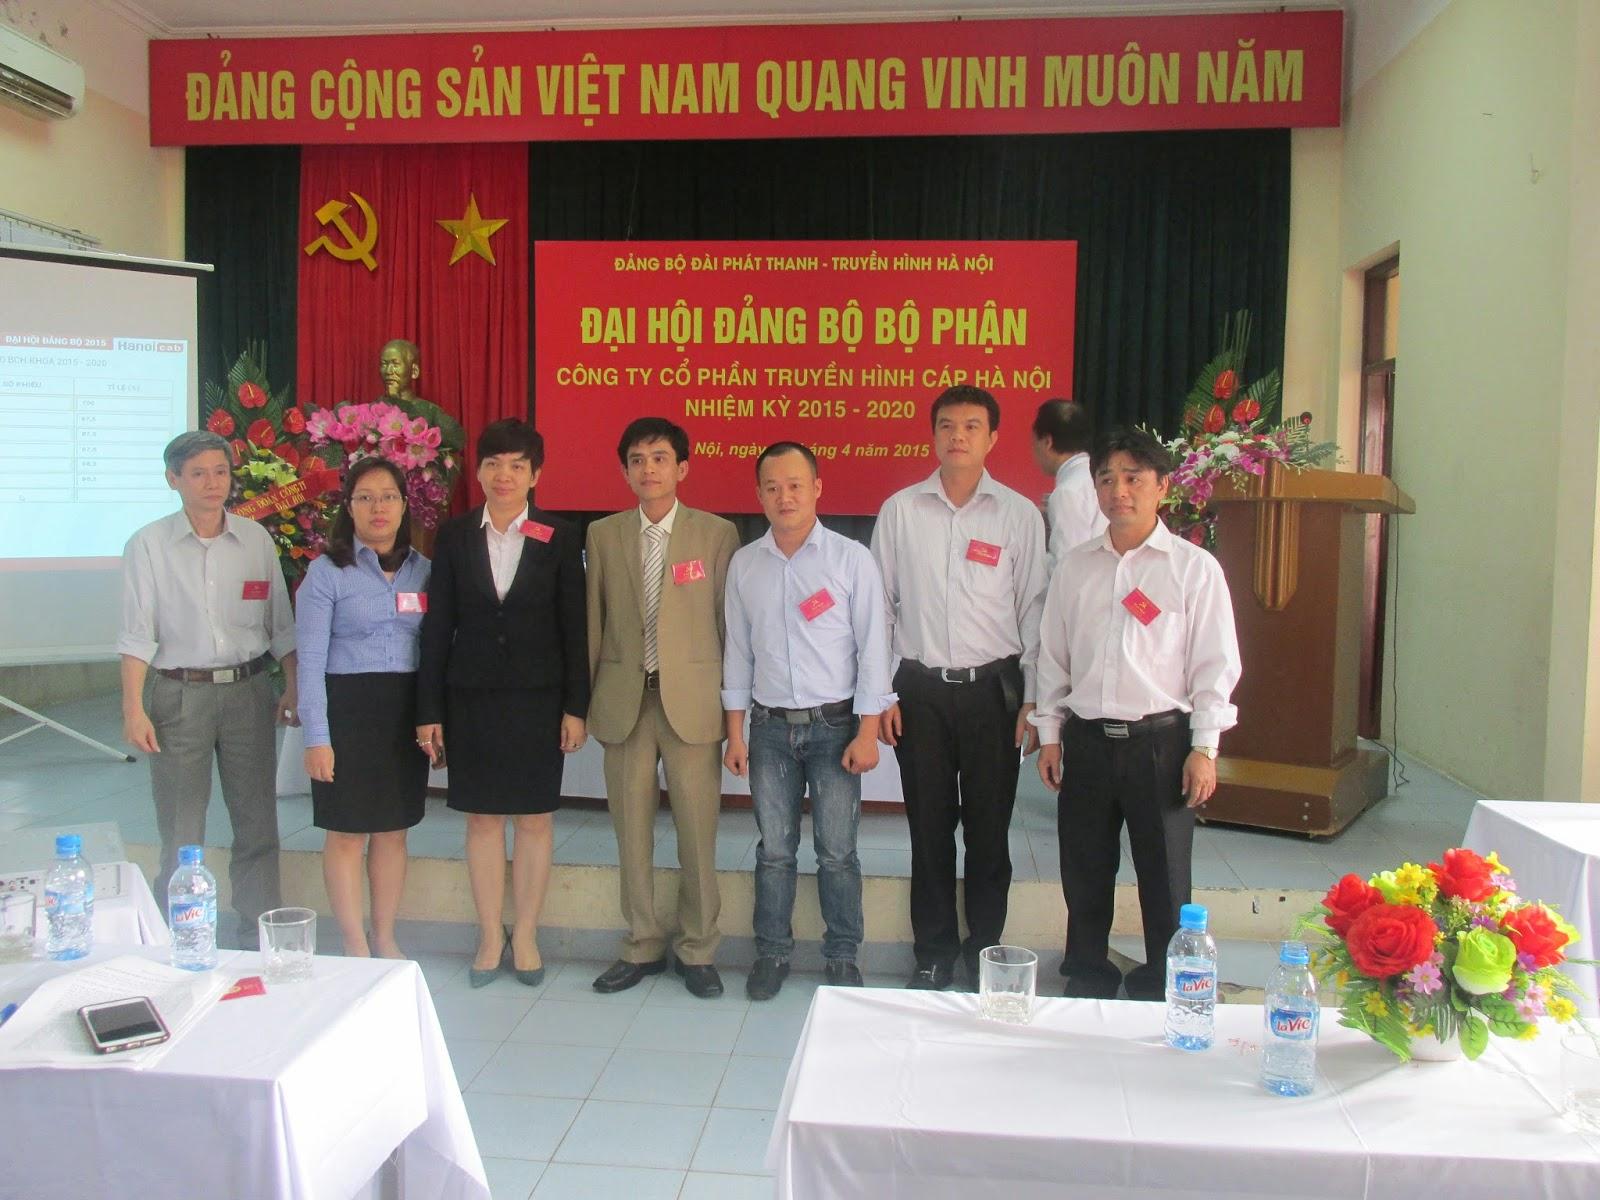 Đại hội đảng bộ